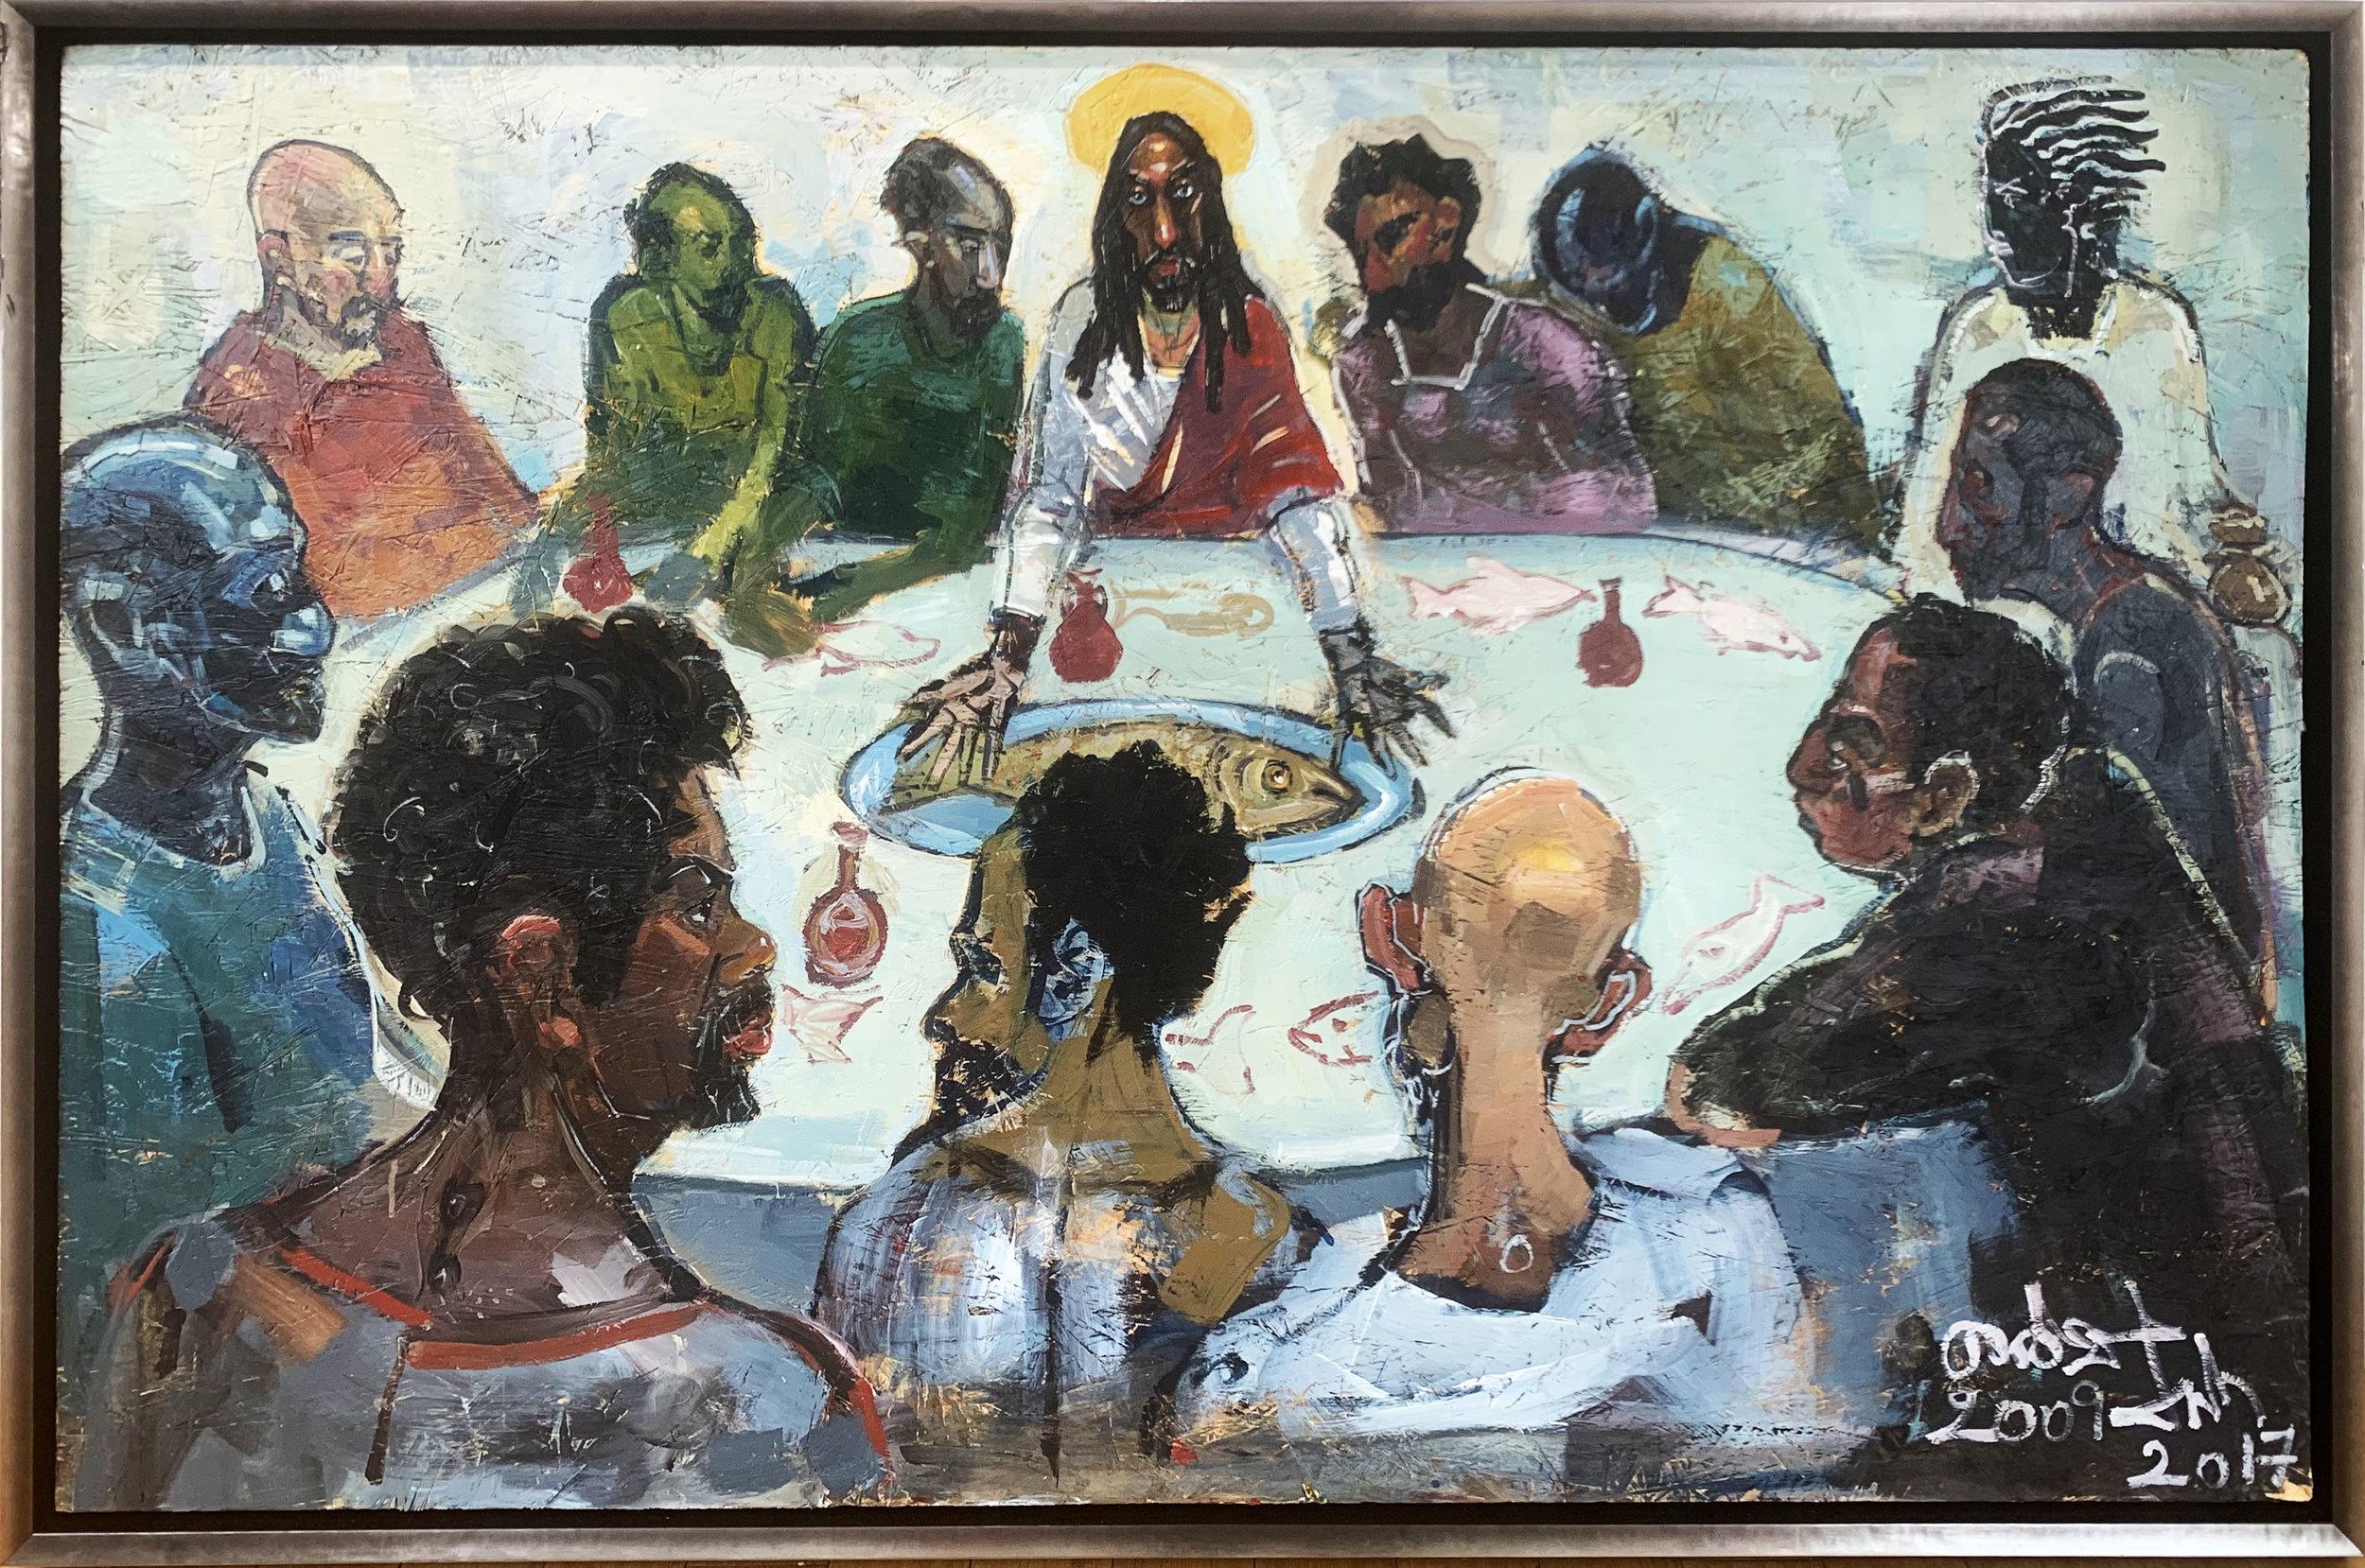 The Last Supper - Merid Tafesse